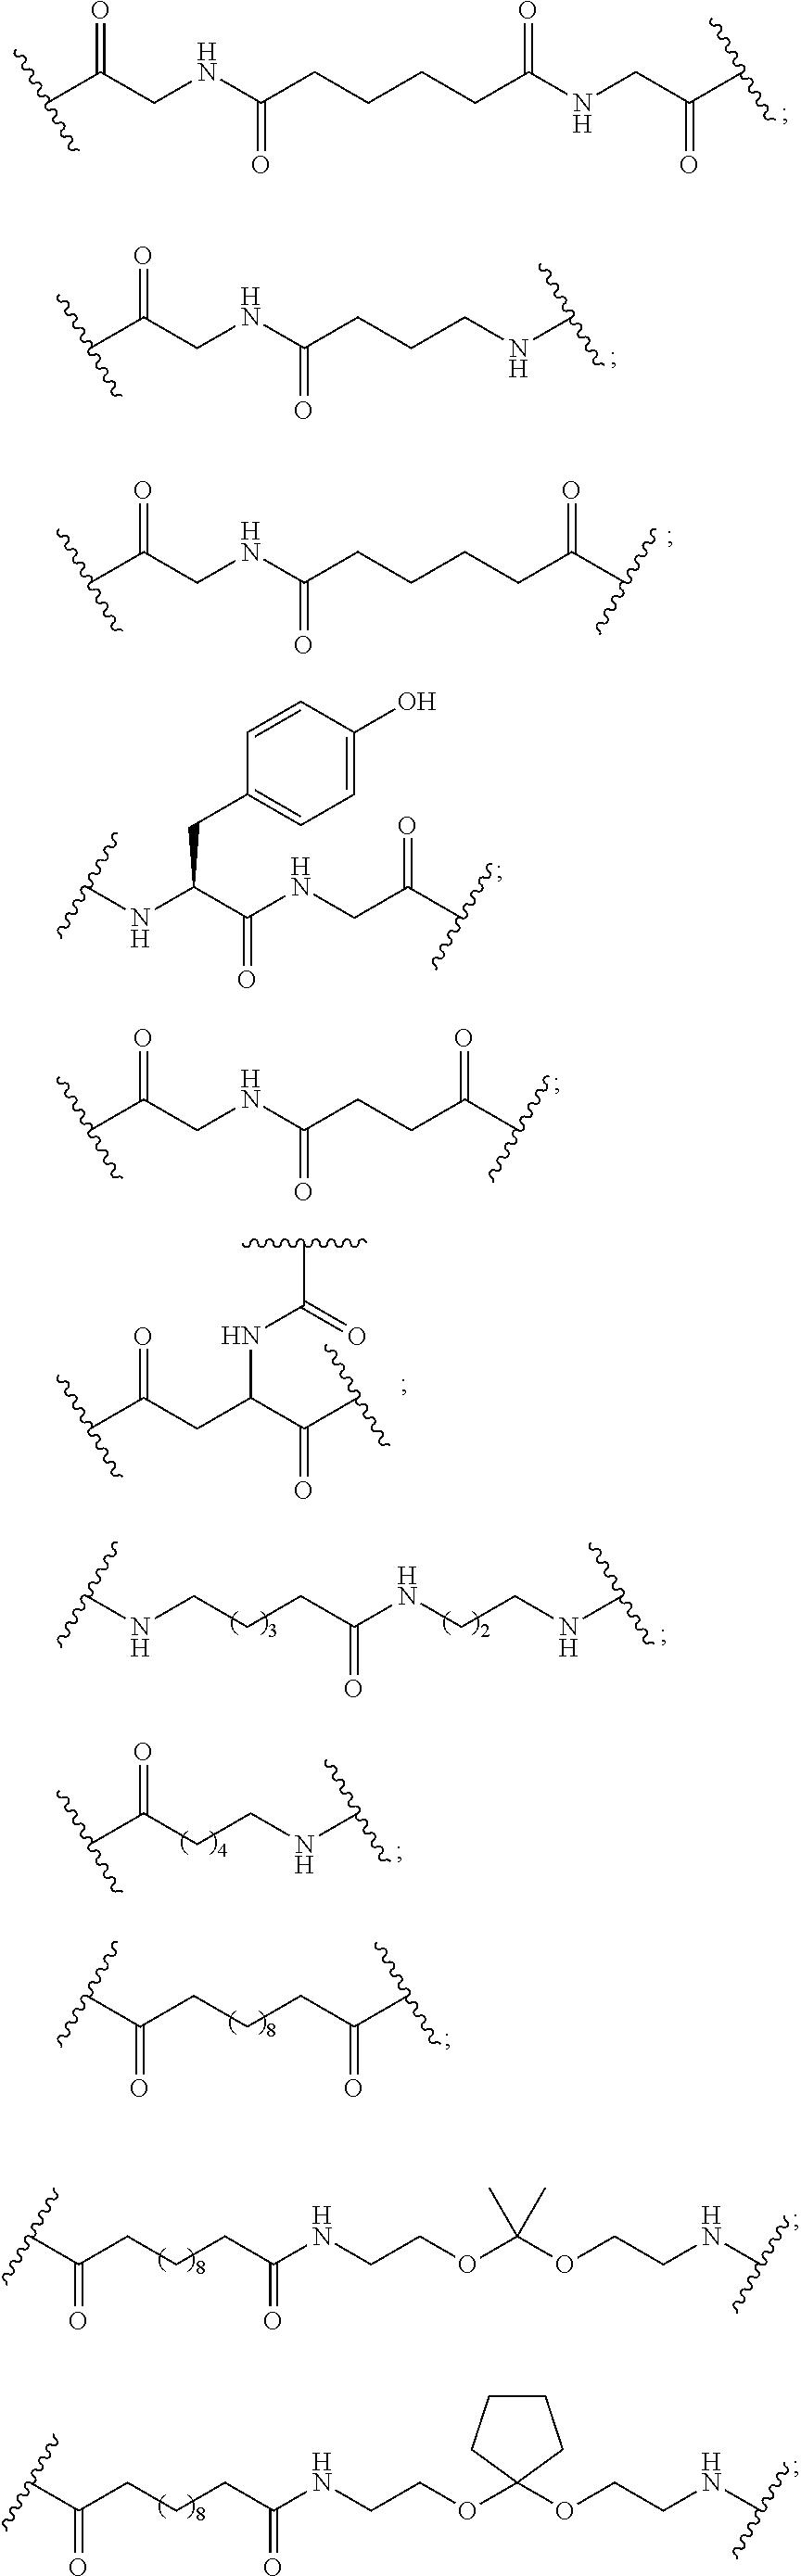 Figure US09943604-20180417-C00067